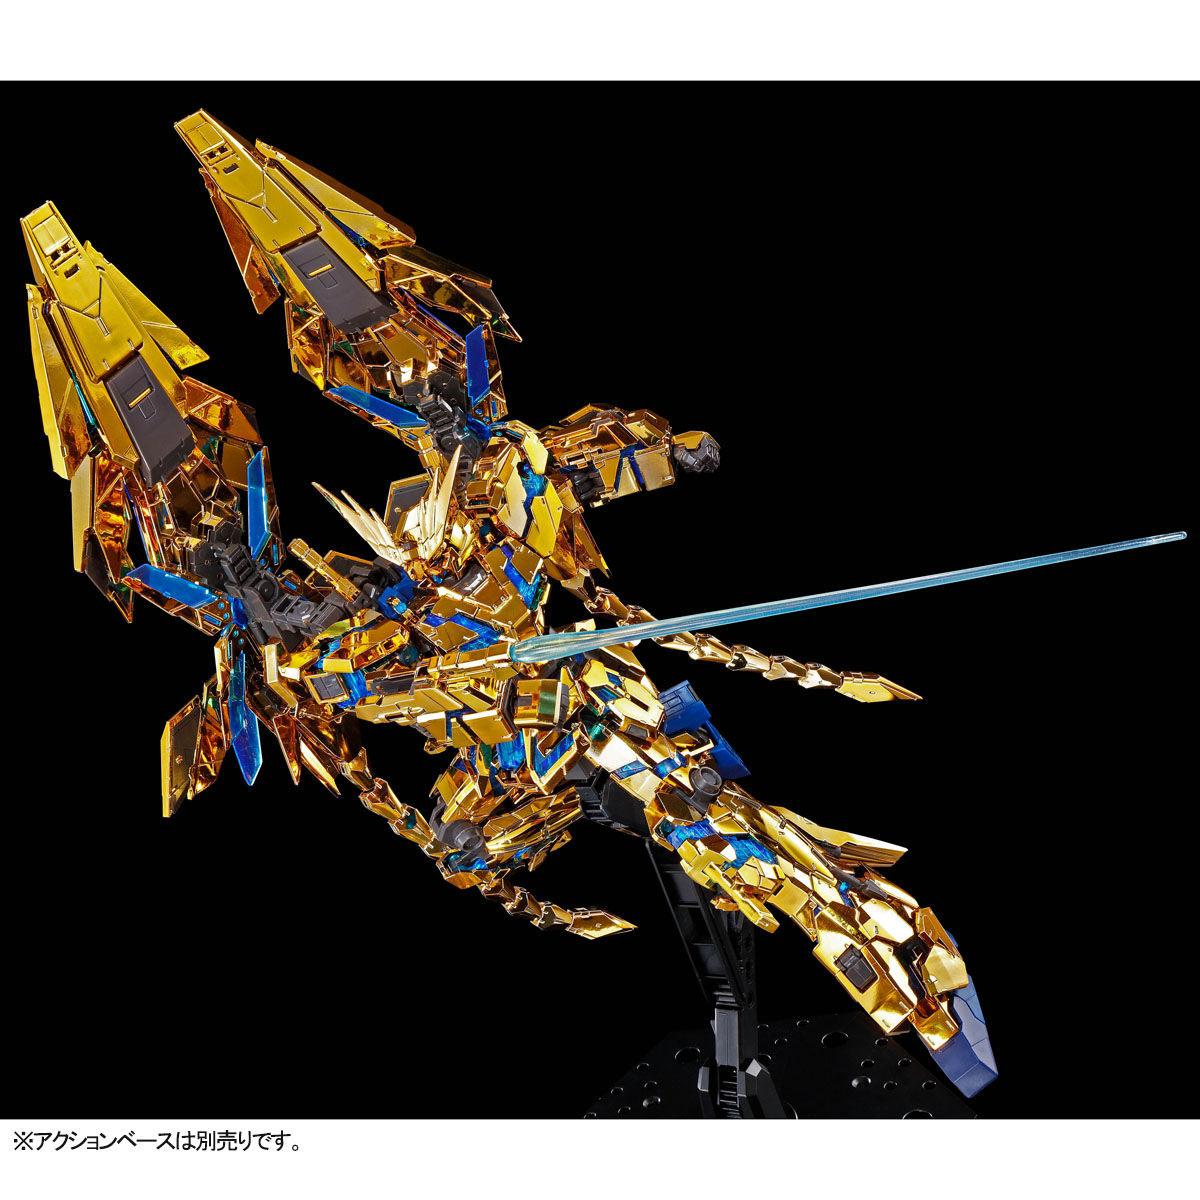 【限定販売】RG 1/144『ユニコーンガンダム3号機 フェネクス(ナラティブVer.)』プラモデル-007